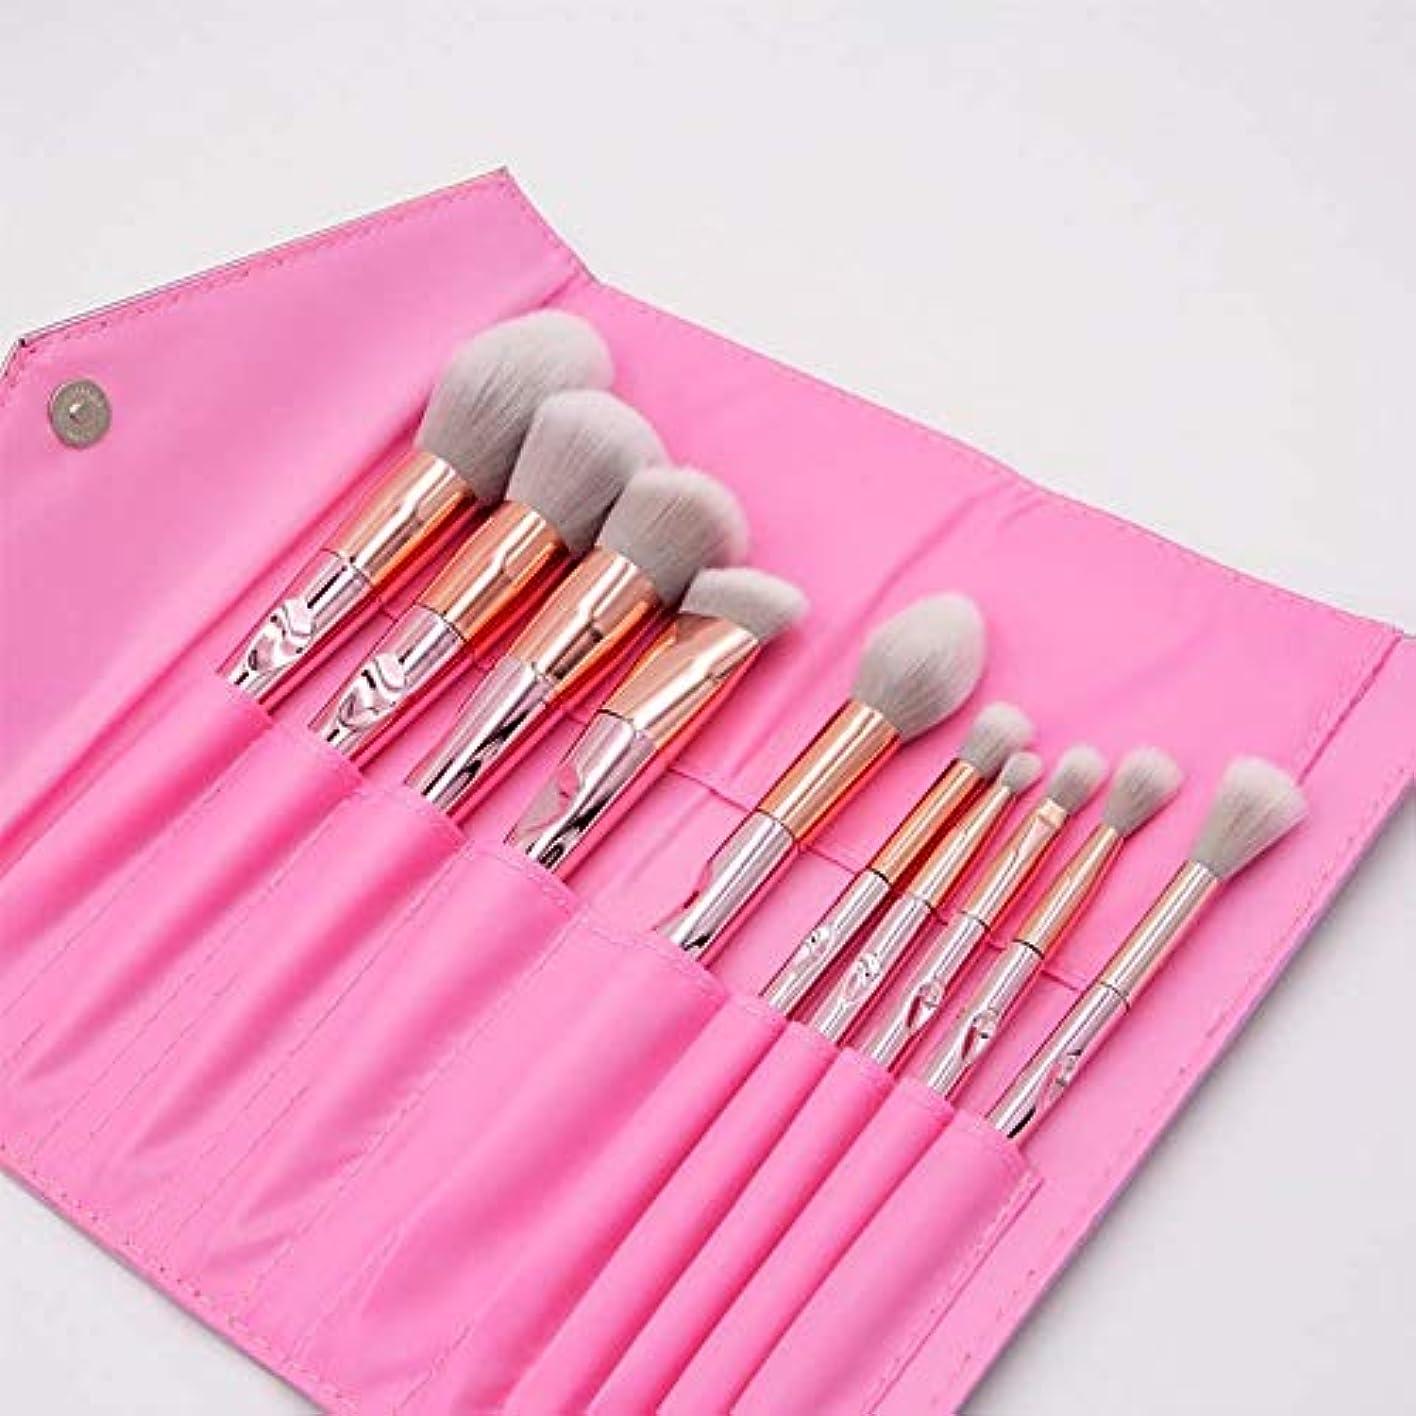 メンバー細分化する変わる化粧ブラシ、プロの合成ビーガンメイクアップブラシファンデーションブラッシュアイライナーアイシャドウ化粧ブラシセット化粧品袋付き(10個、ピンク)